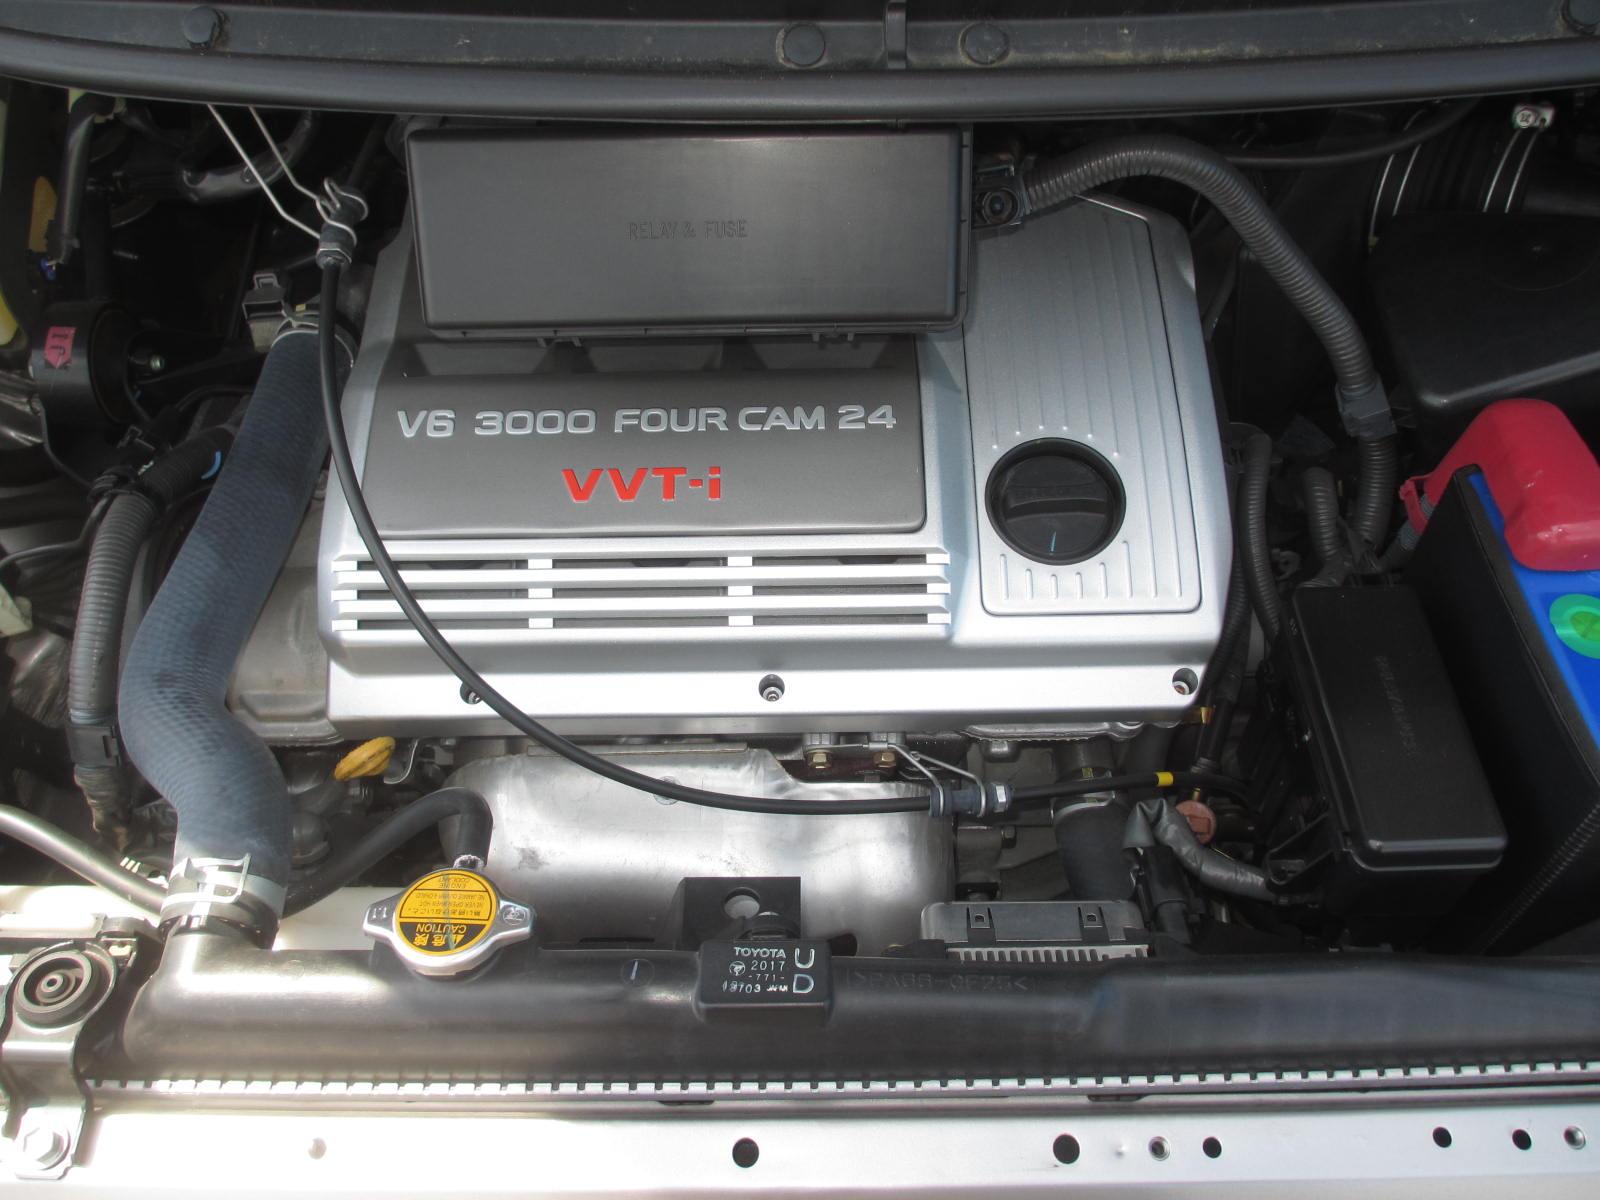 2003 Toyota Estima 3L Aeras S engine